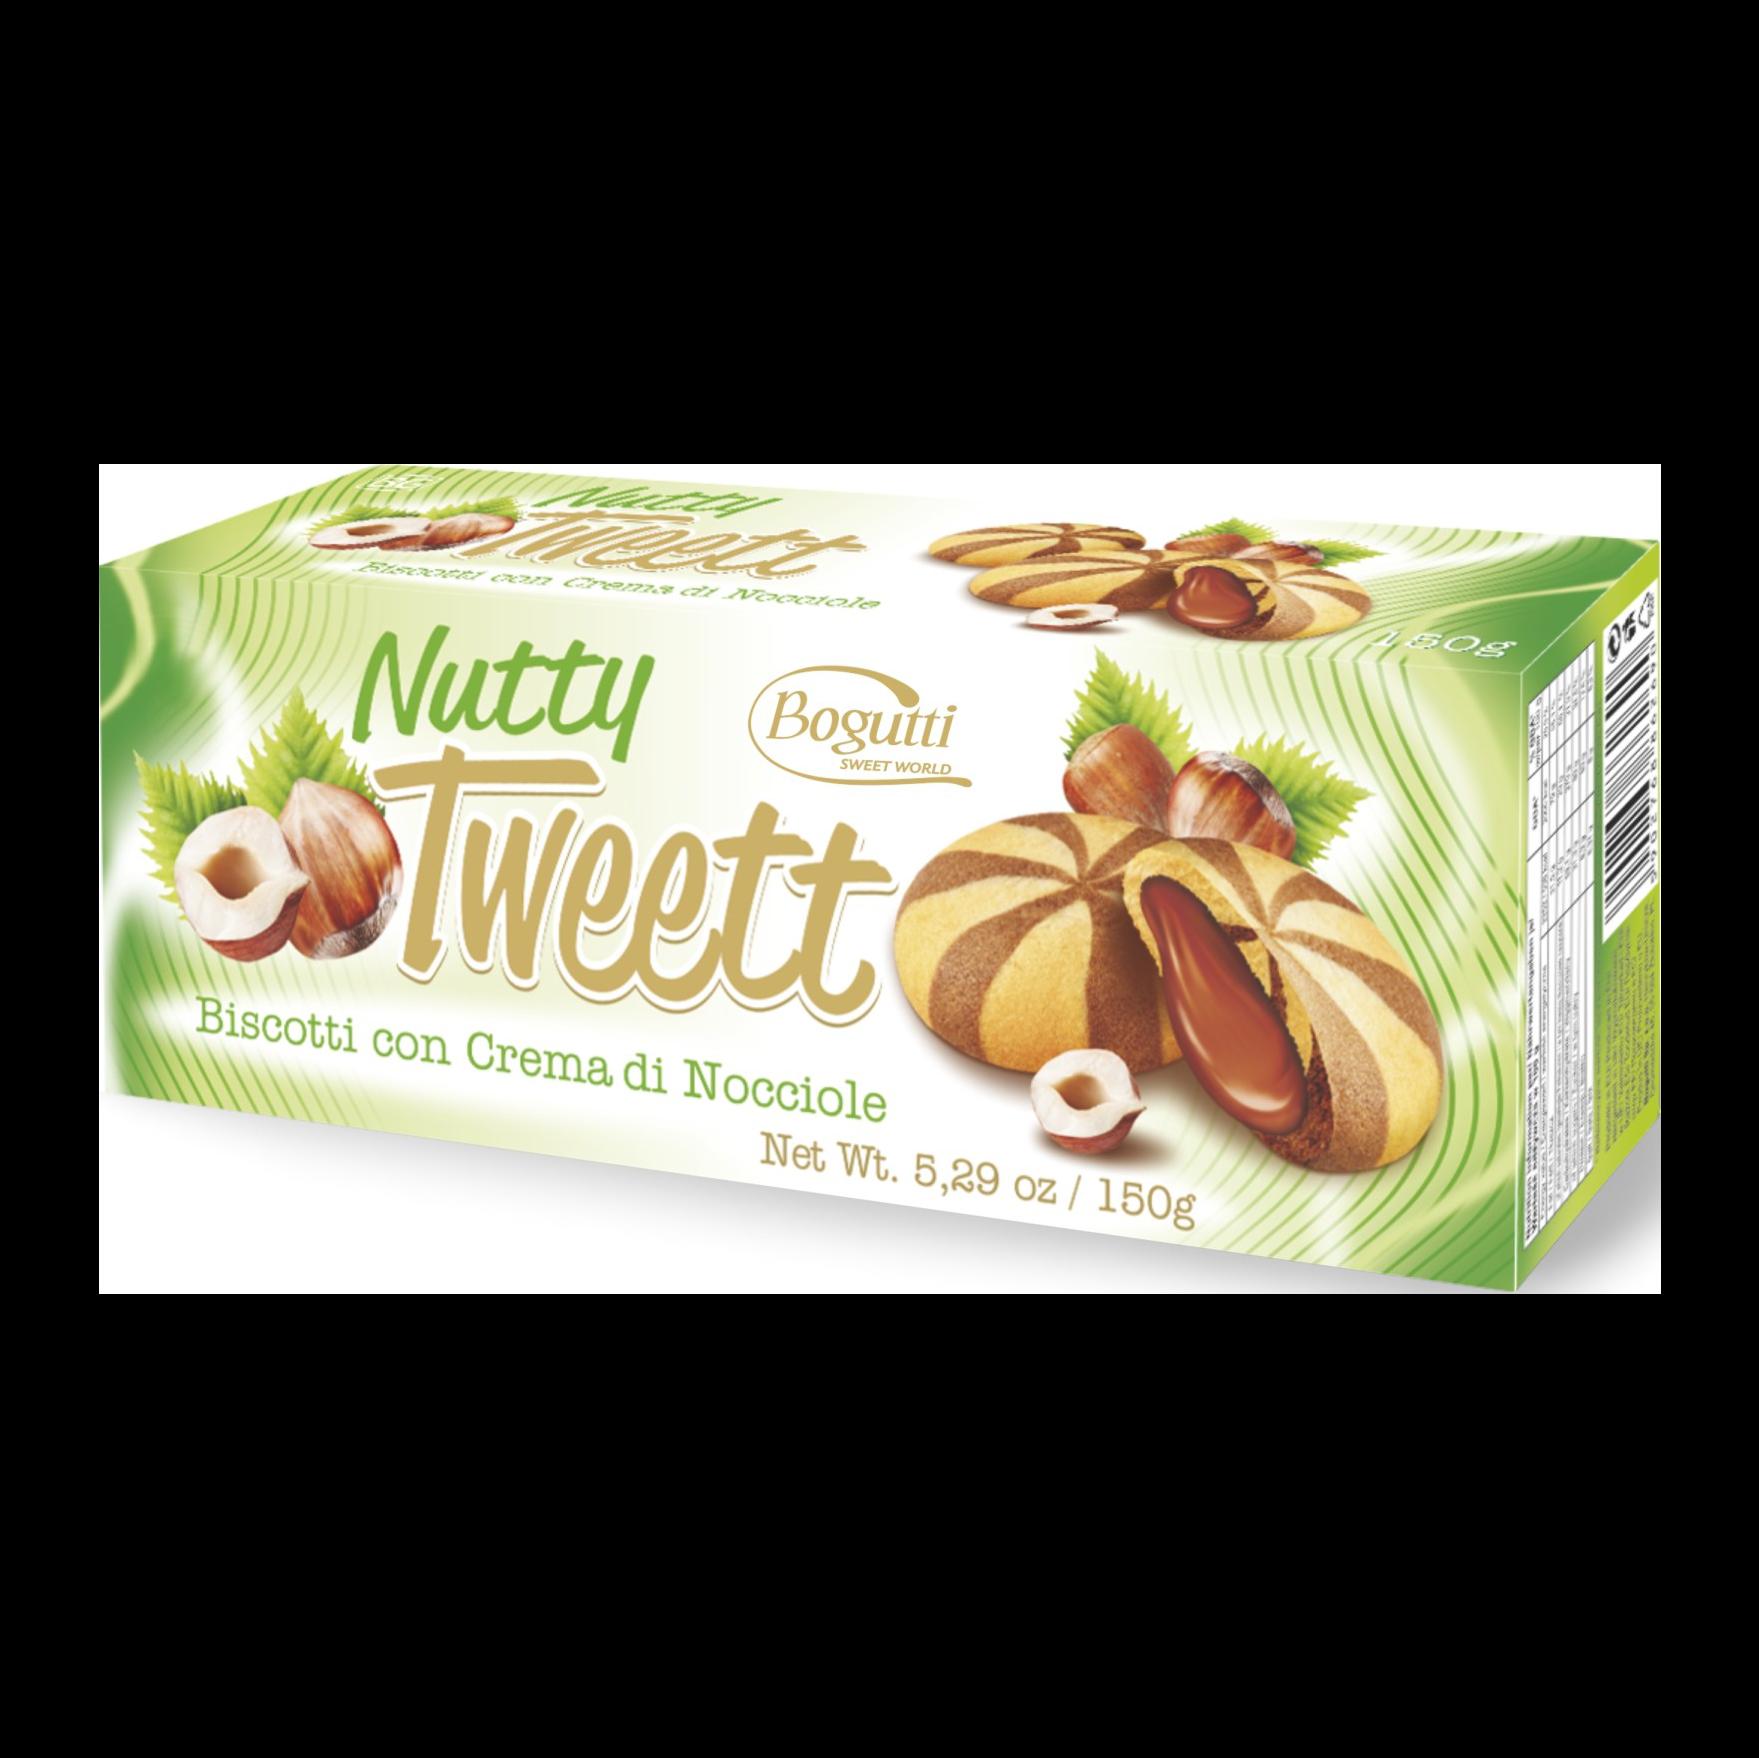 Nutty Tweett – Kruche ciasteczka z kremem orzechowym